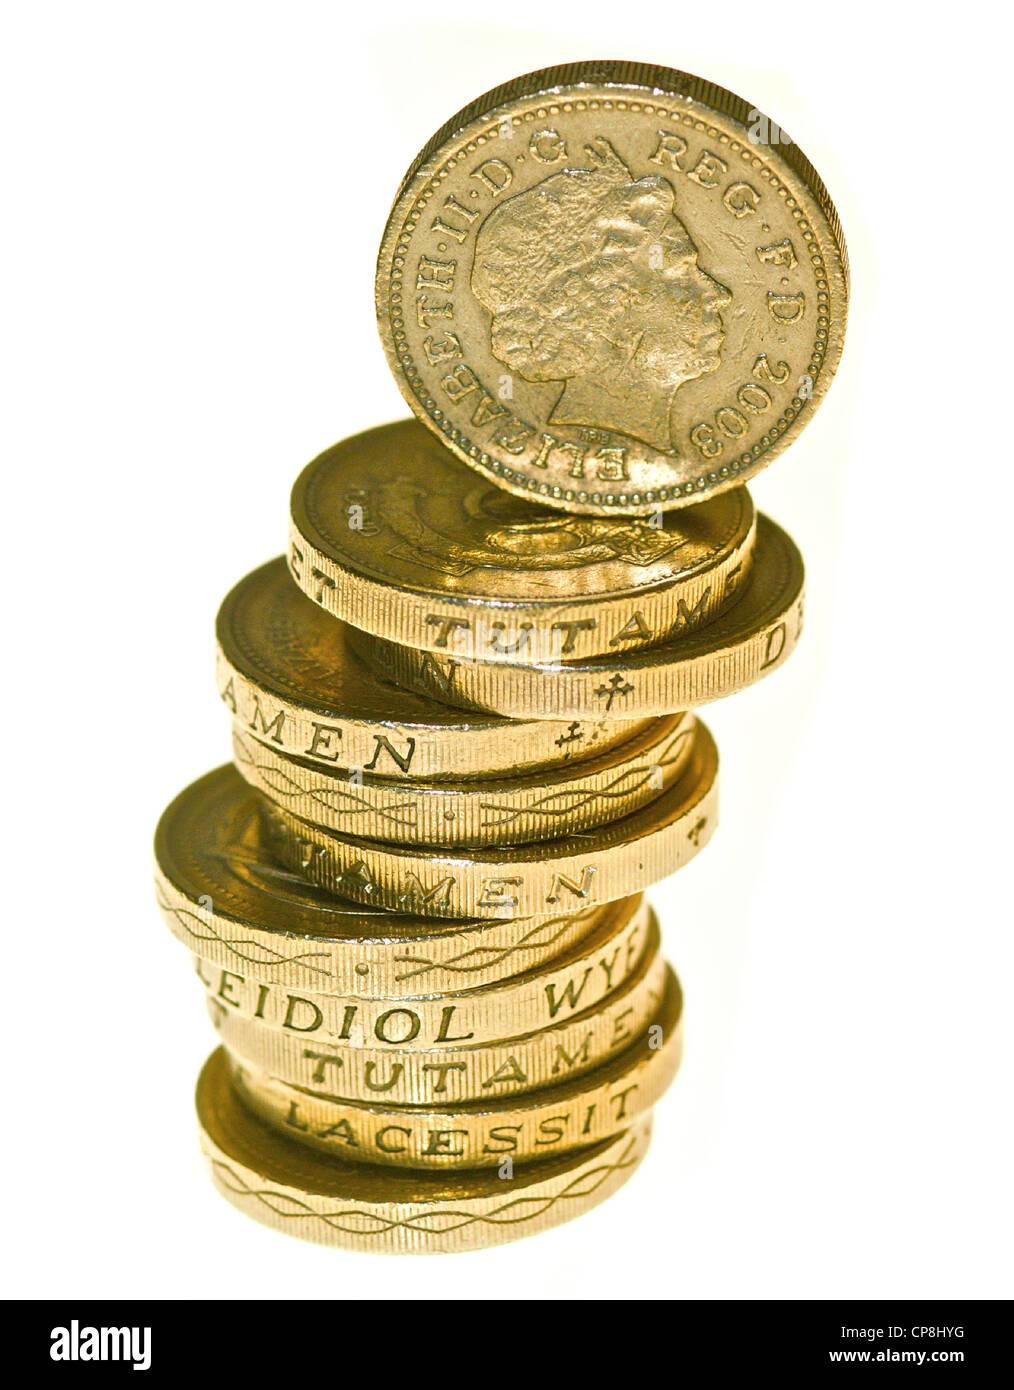 Ein Pfund-Münzen in einem Haufen. Stockbild